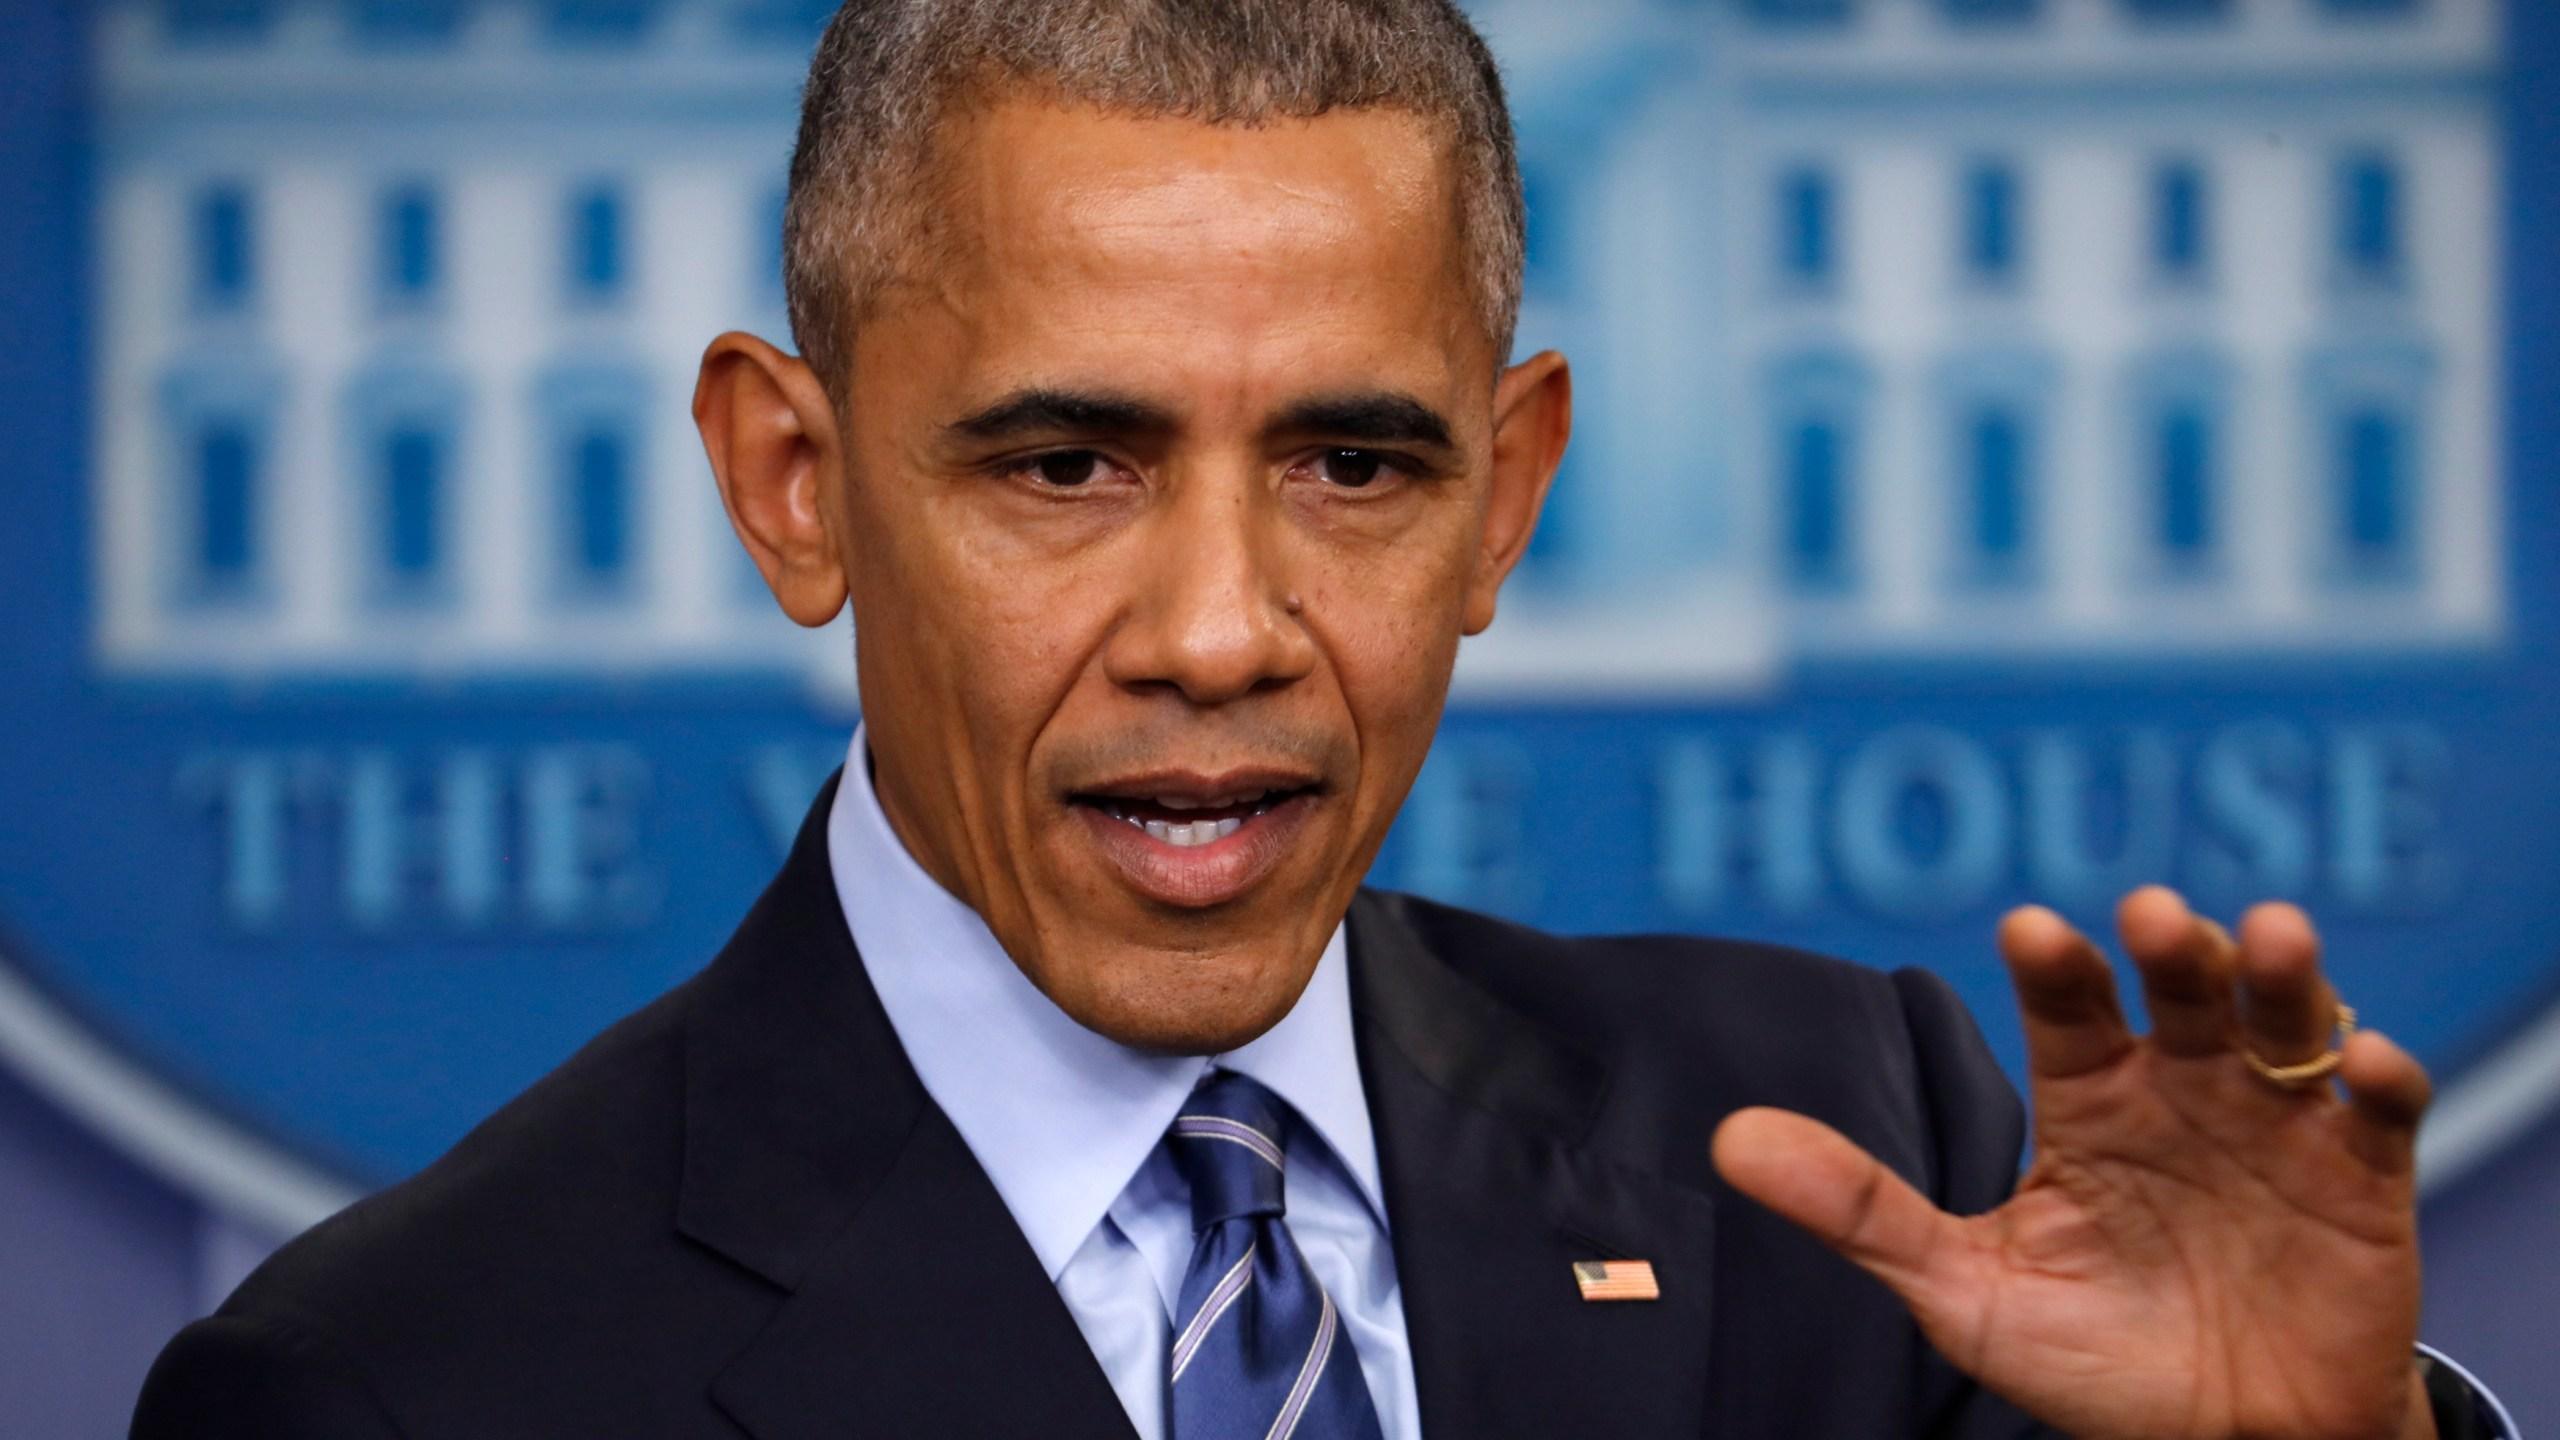 Obama_254824